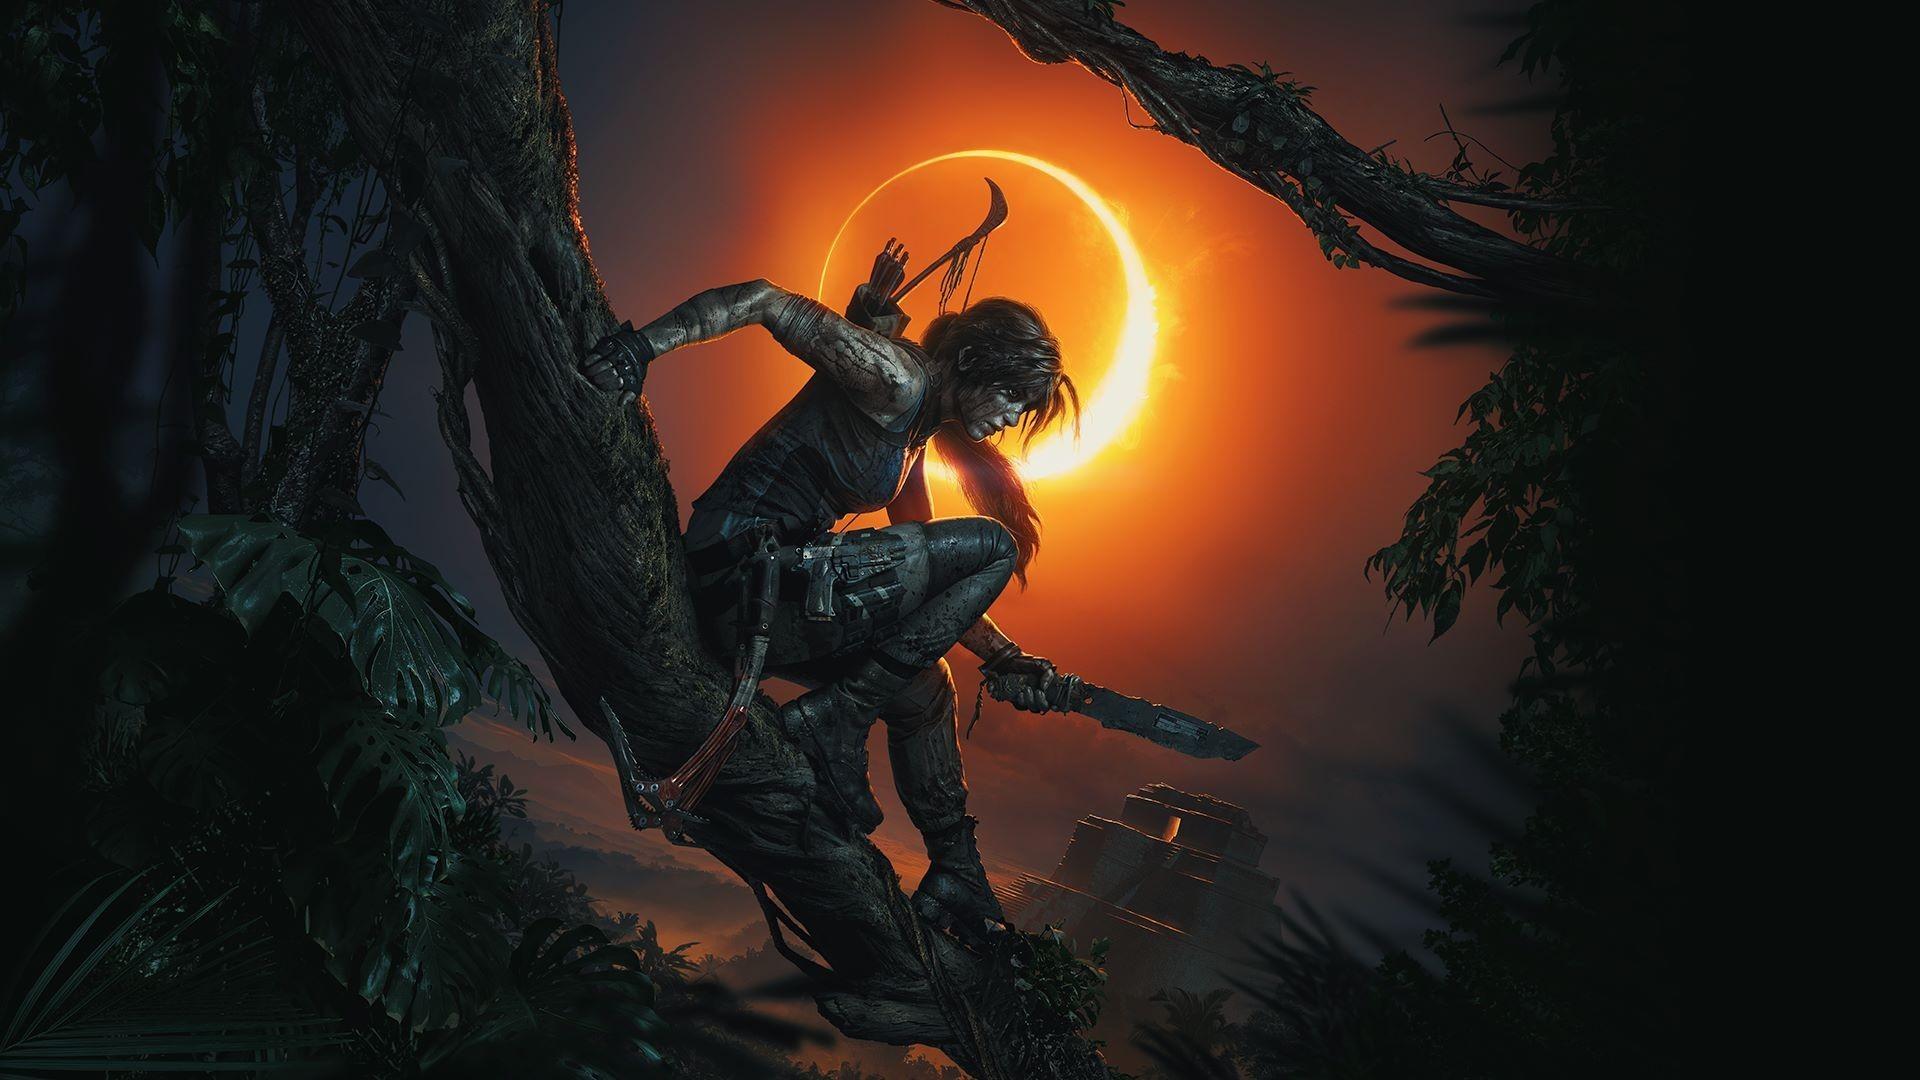 Lara Croft trafi do Netflixa! Serial będzie kontynuacją ostatniej części gry